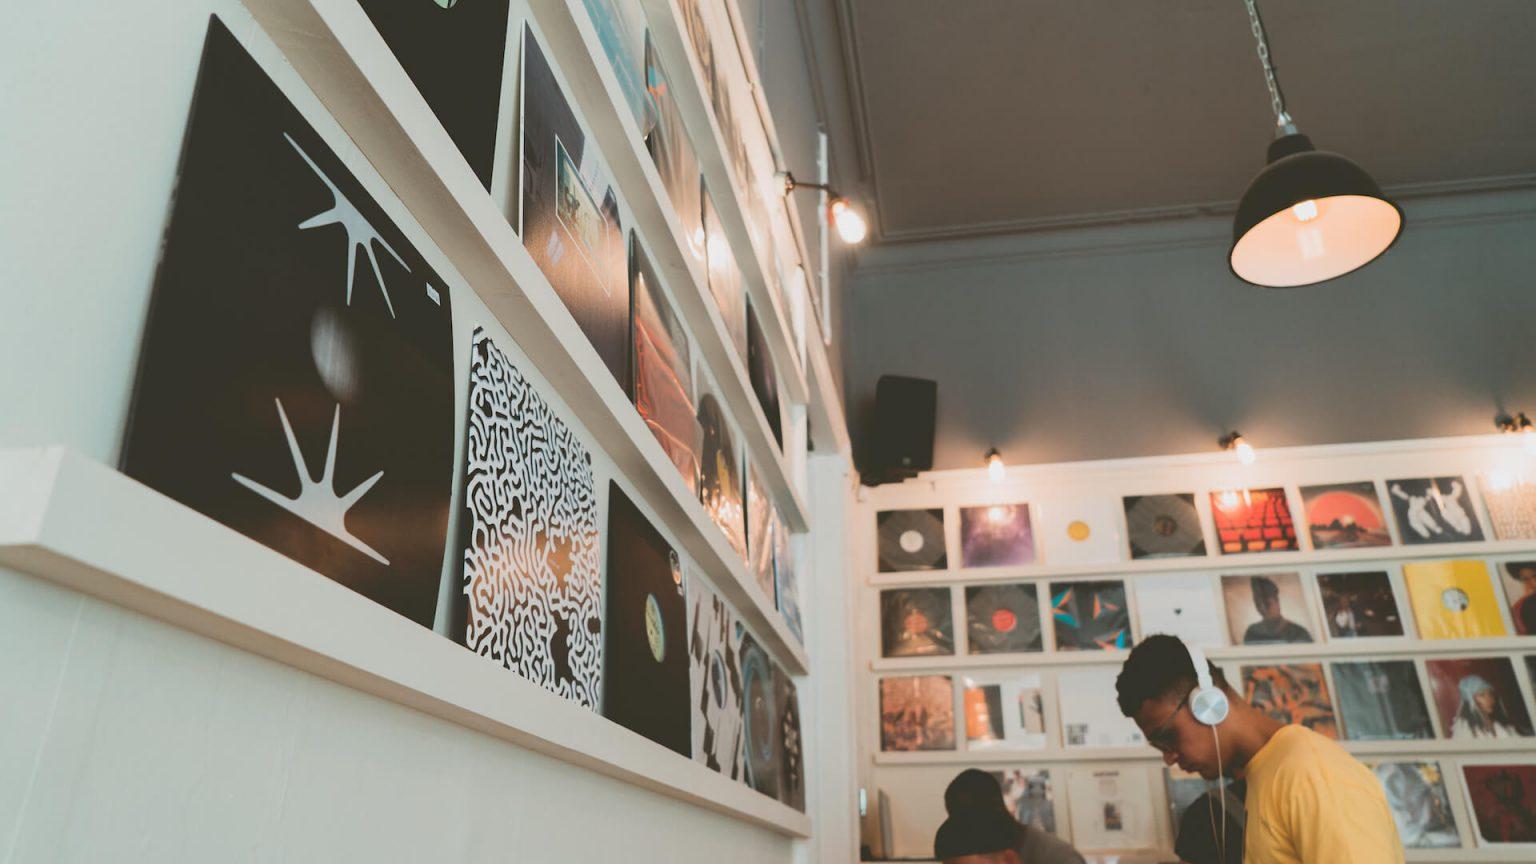 DSC09516-1440x810 Café Artum――バーミンガムのミュージックラバーズから親しまれるカフェ/レコードショップ